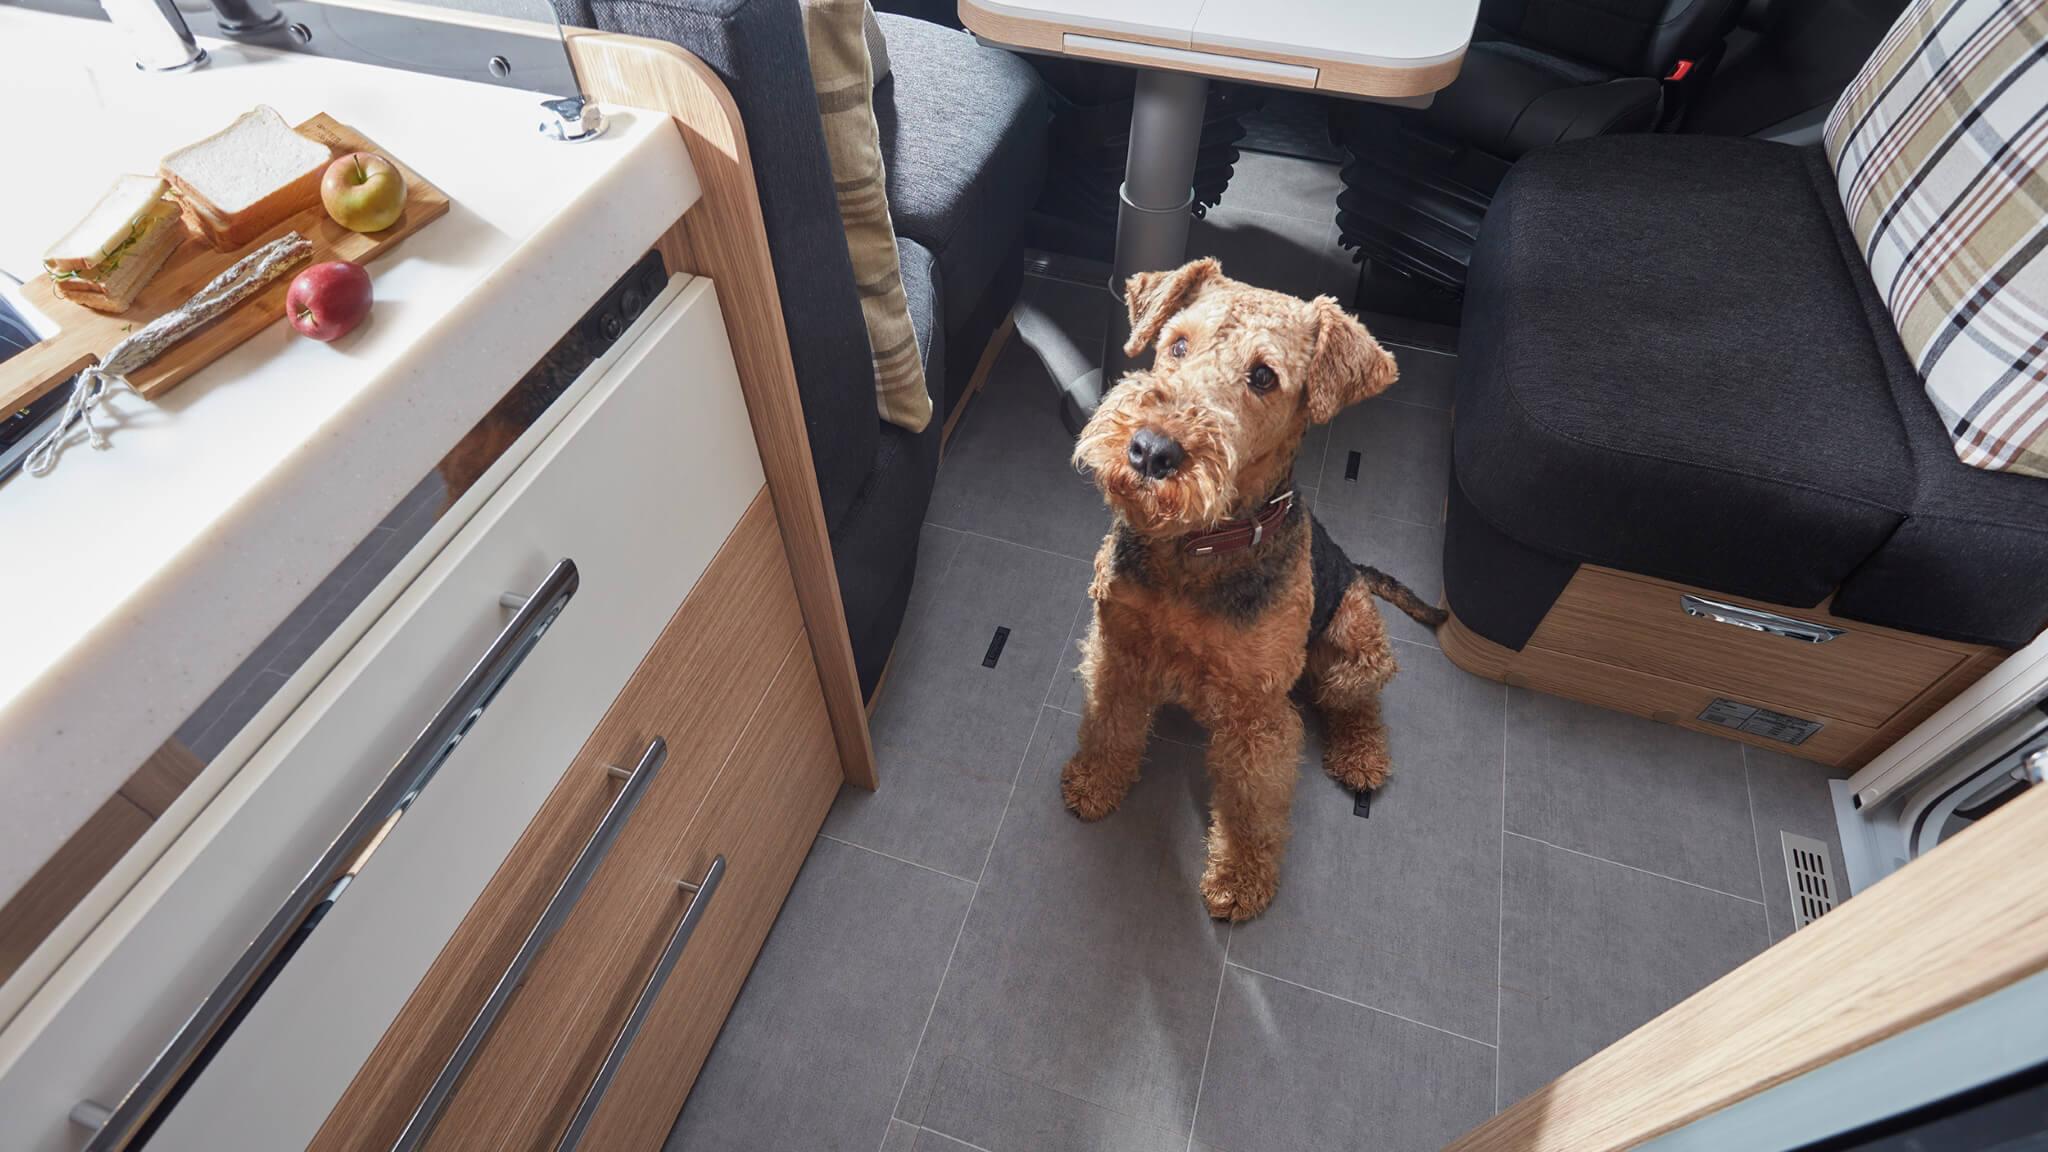 NIESMANN+BISCHOFF - Arto - Grundriss Face-to-Face - Hund im Innenraum